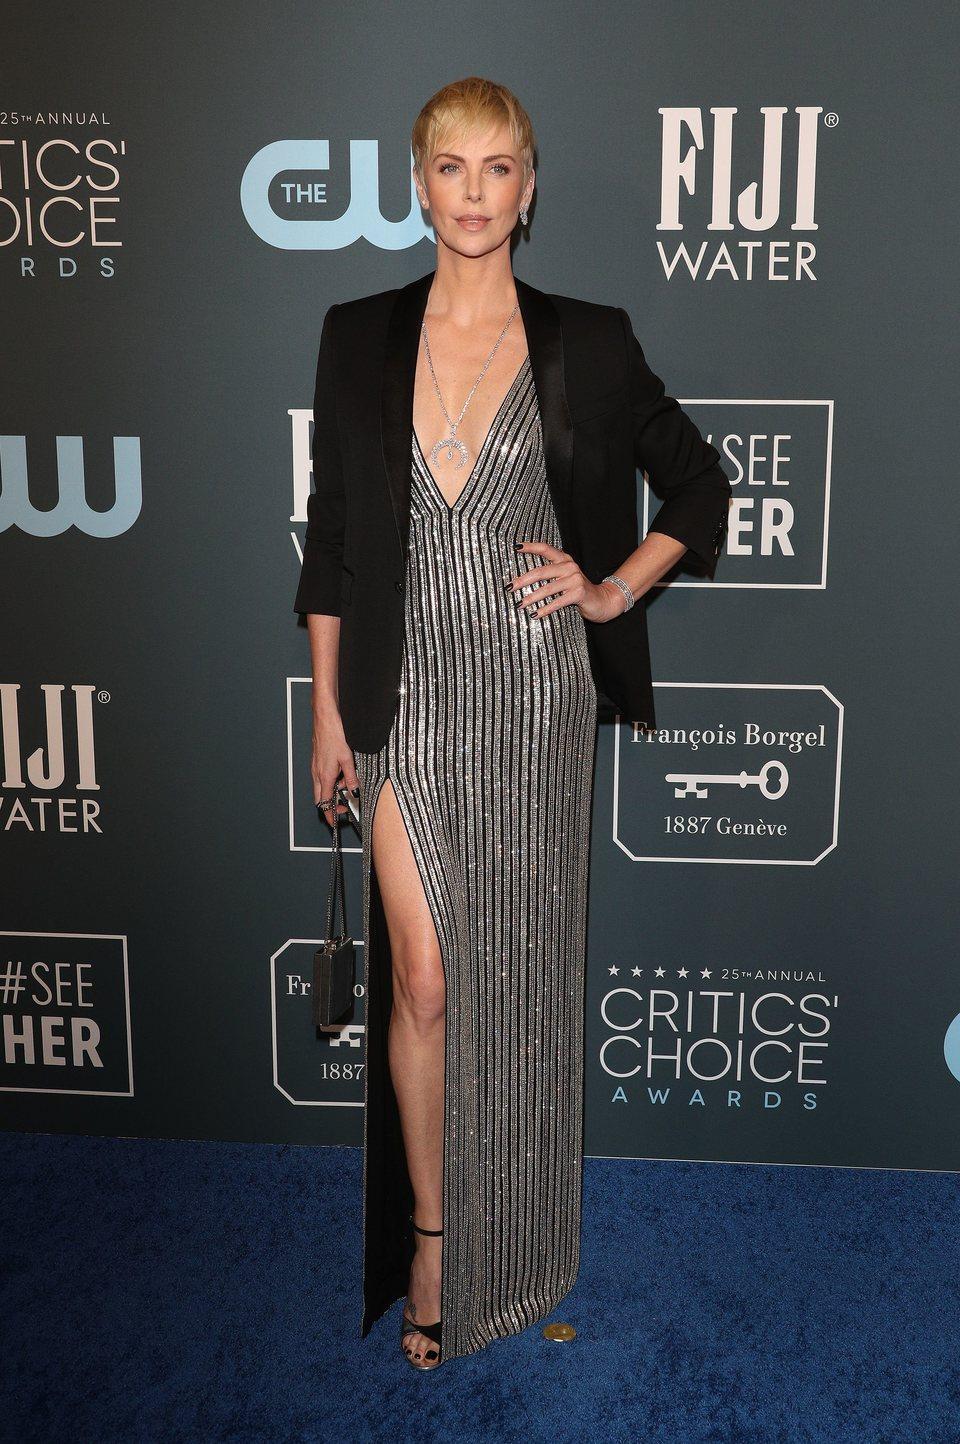 Charlize Theron en la alfombra roja de los Critics' Choice Awards 2020